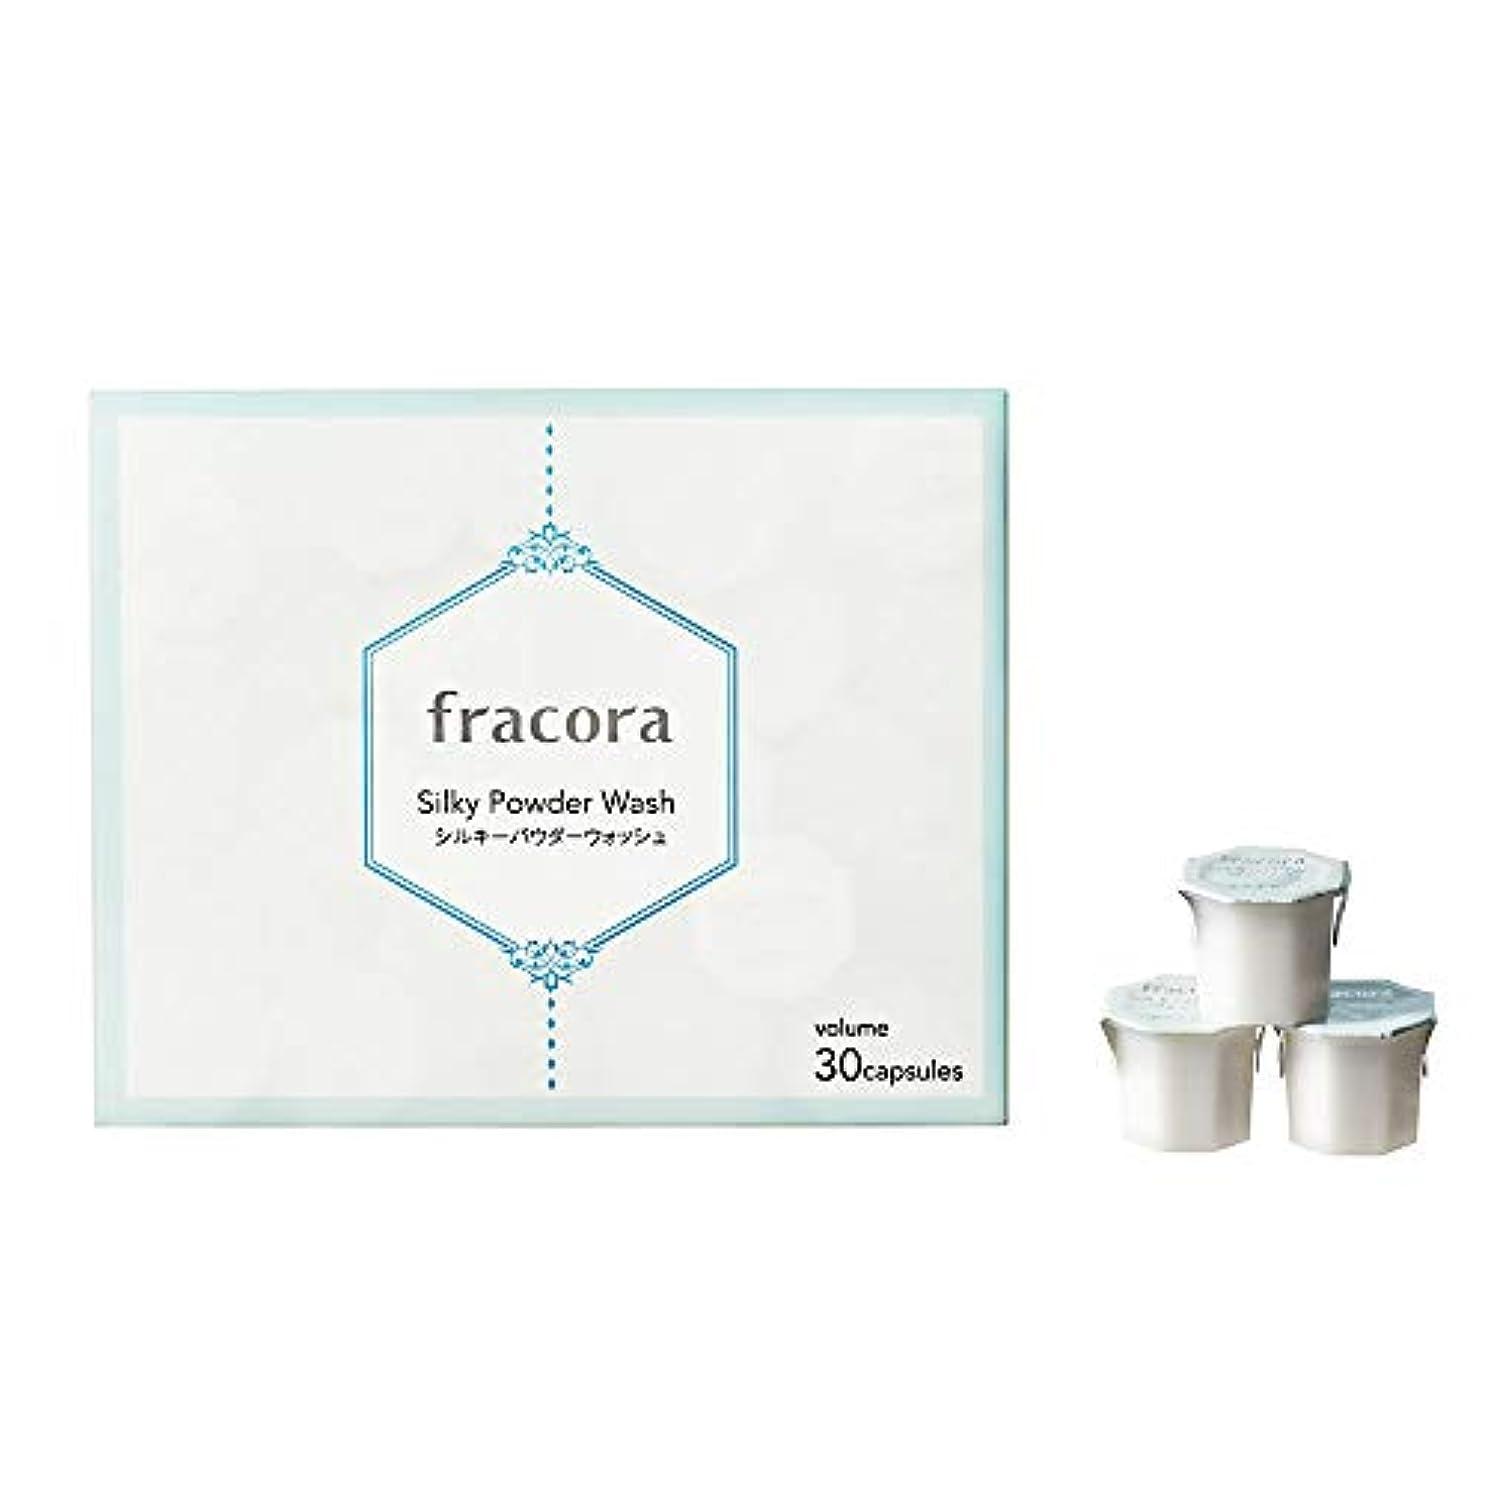 ルネッサンスフレッシュアンタゴニストfracora(フラコラ) 酵素洗顔 シルキーパウダーウォッシュ 30カプセル入